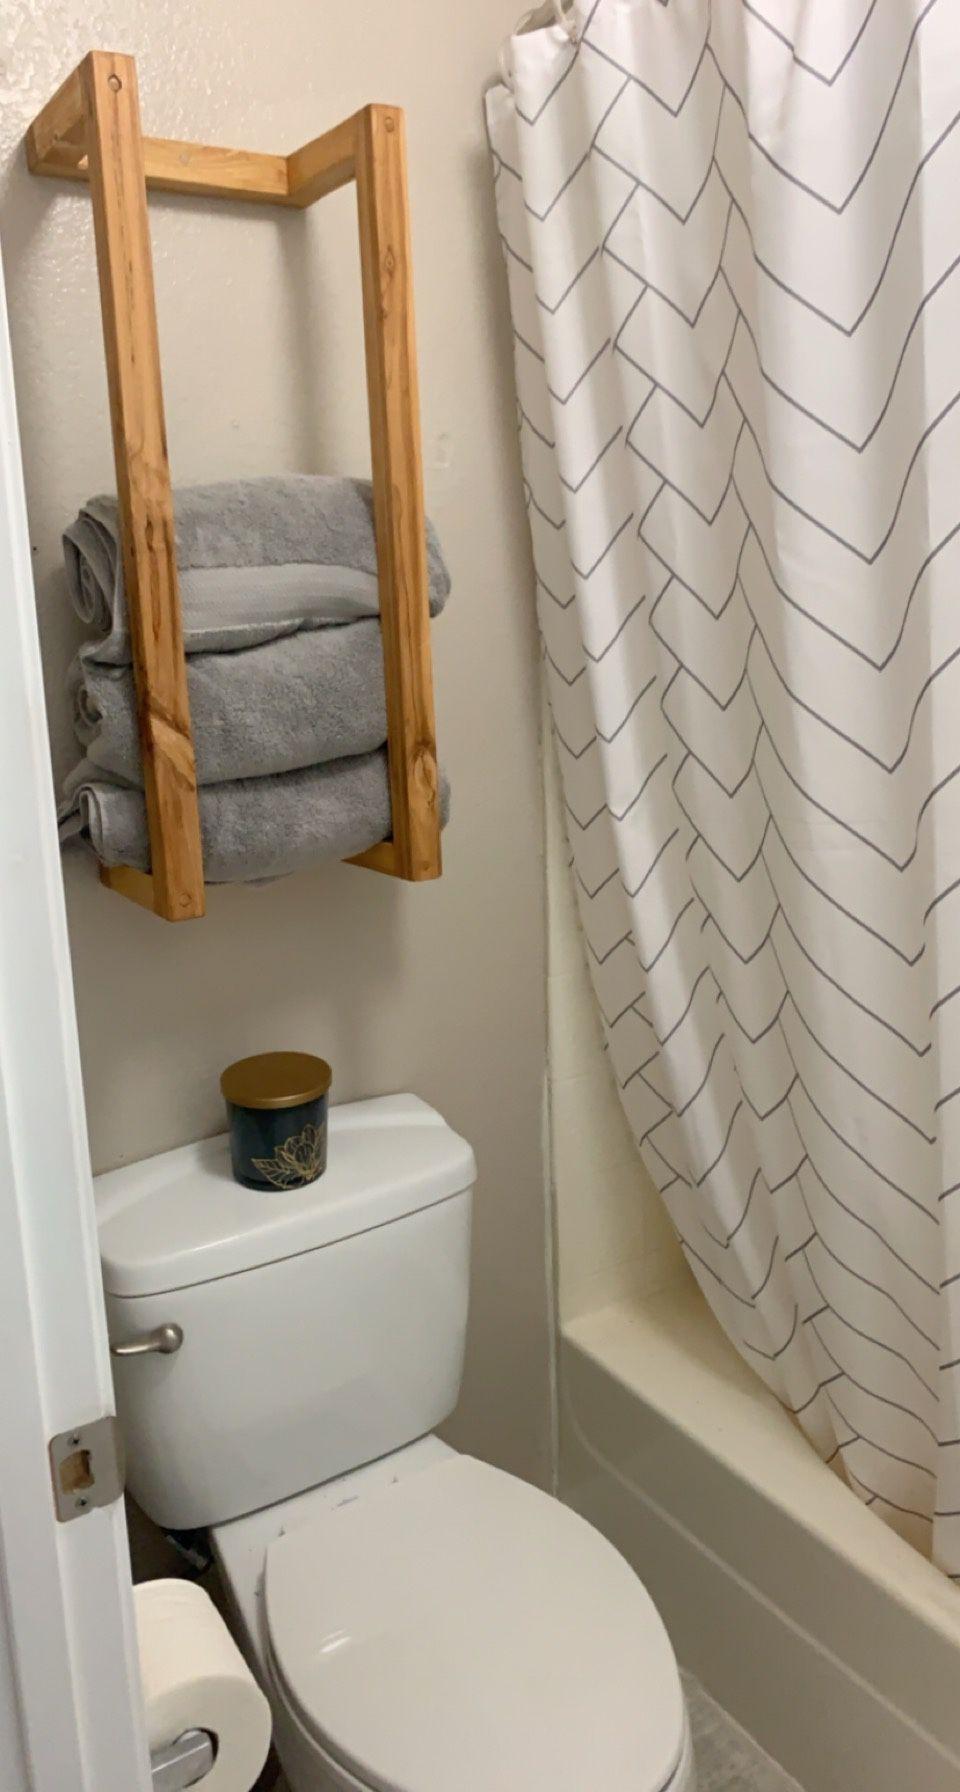 Handmade Towel Or Blanket Rack 30in High X 12in Wide